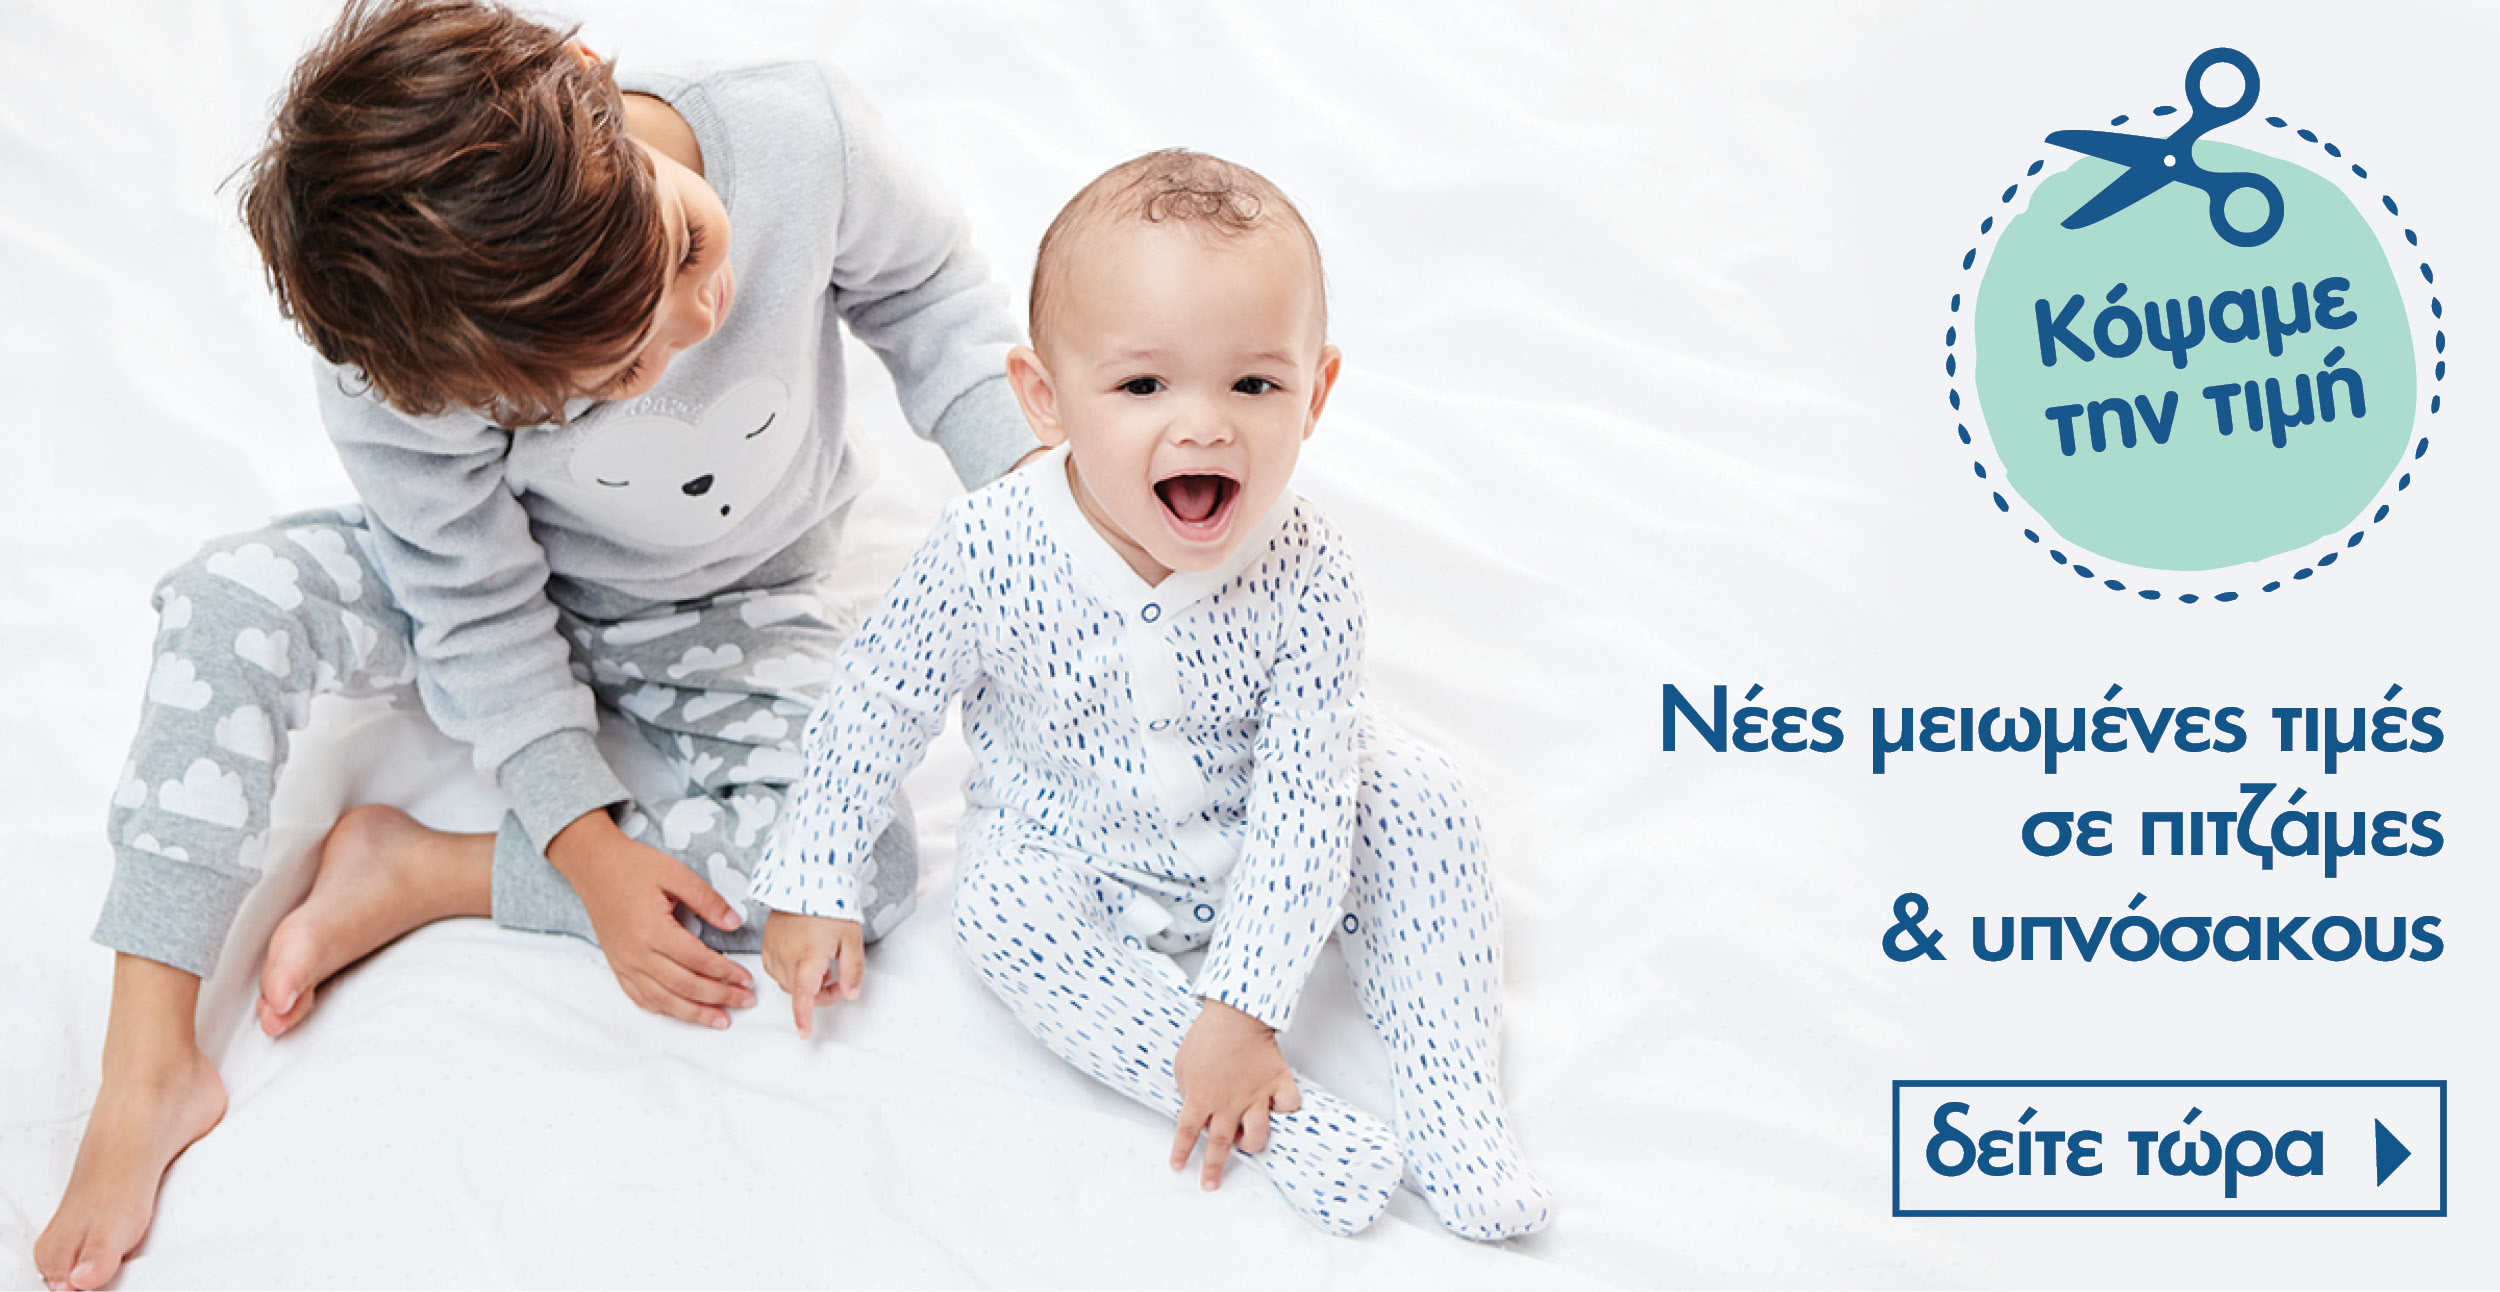 Νέες μειωμένες τιμές σε πιτζάμες & υπνόσακους